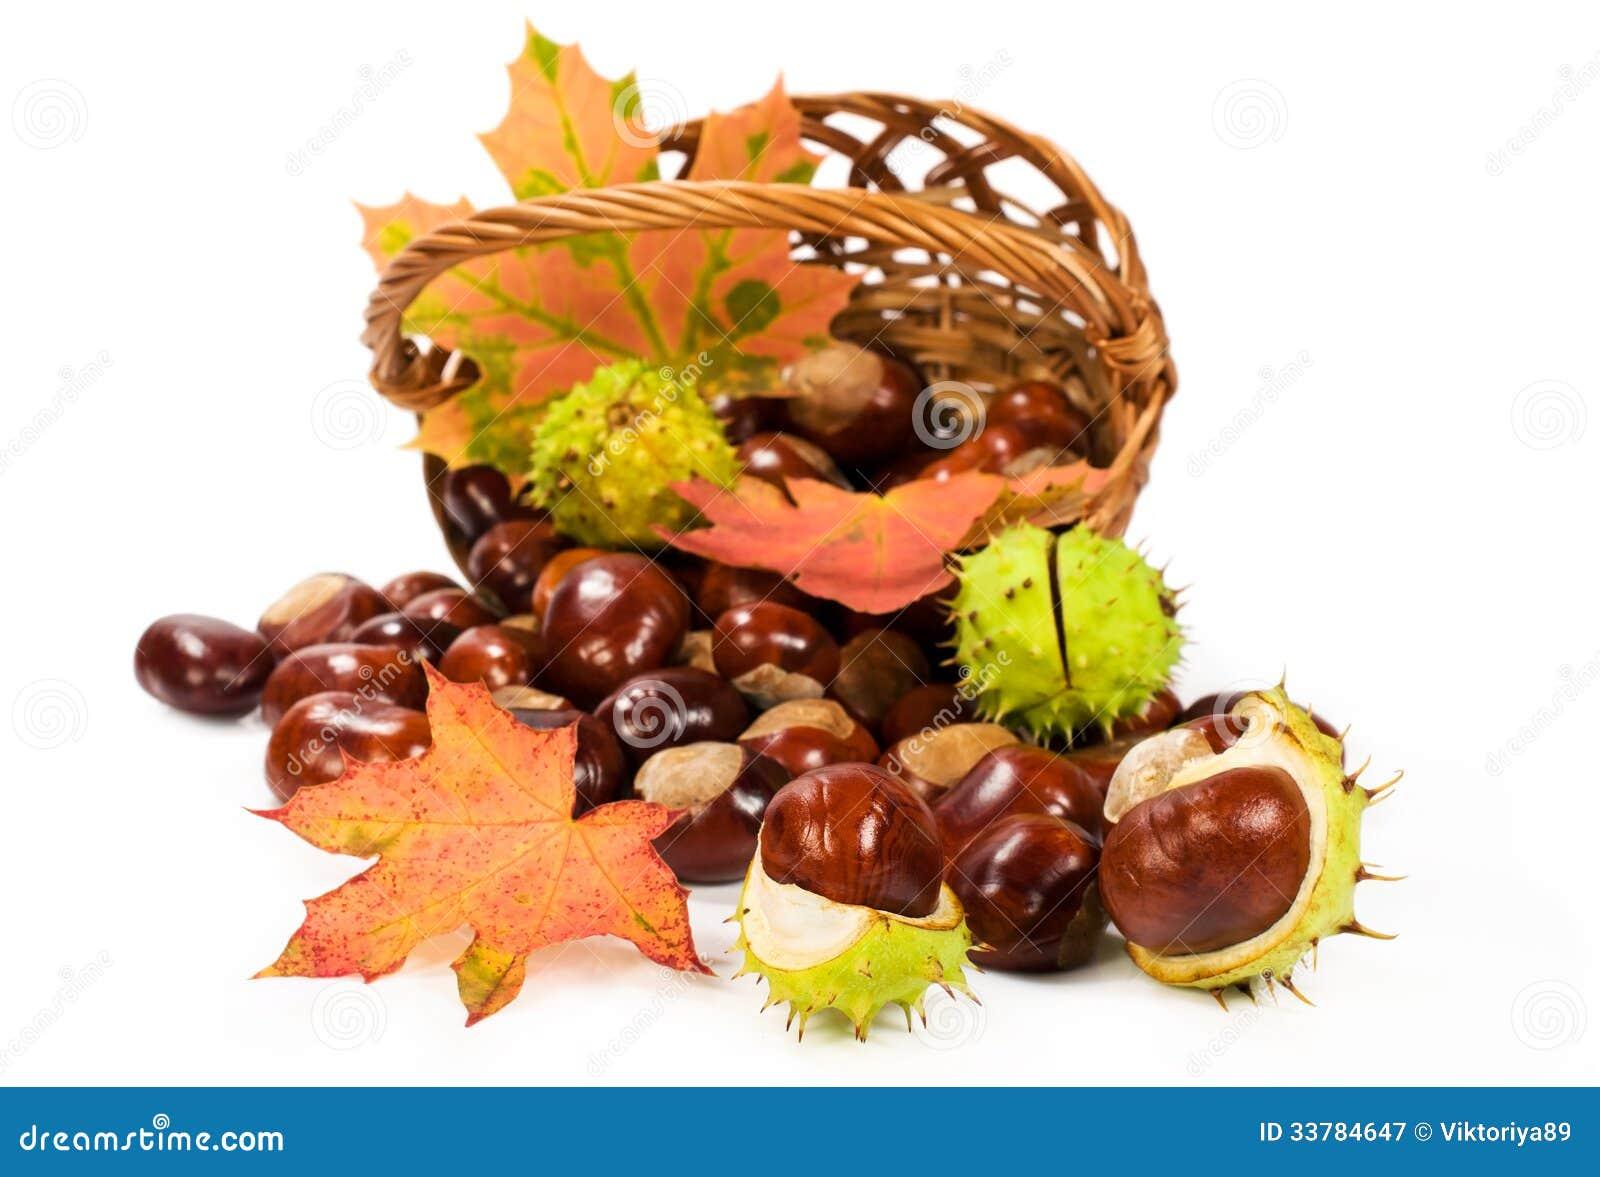 Marrons d 39 inde avec des feuilles dans un panier image stock image du objets d coration 33784647 - Activite avec des marrons ...